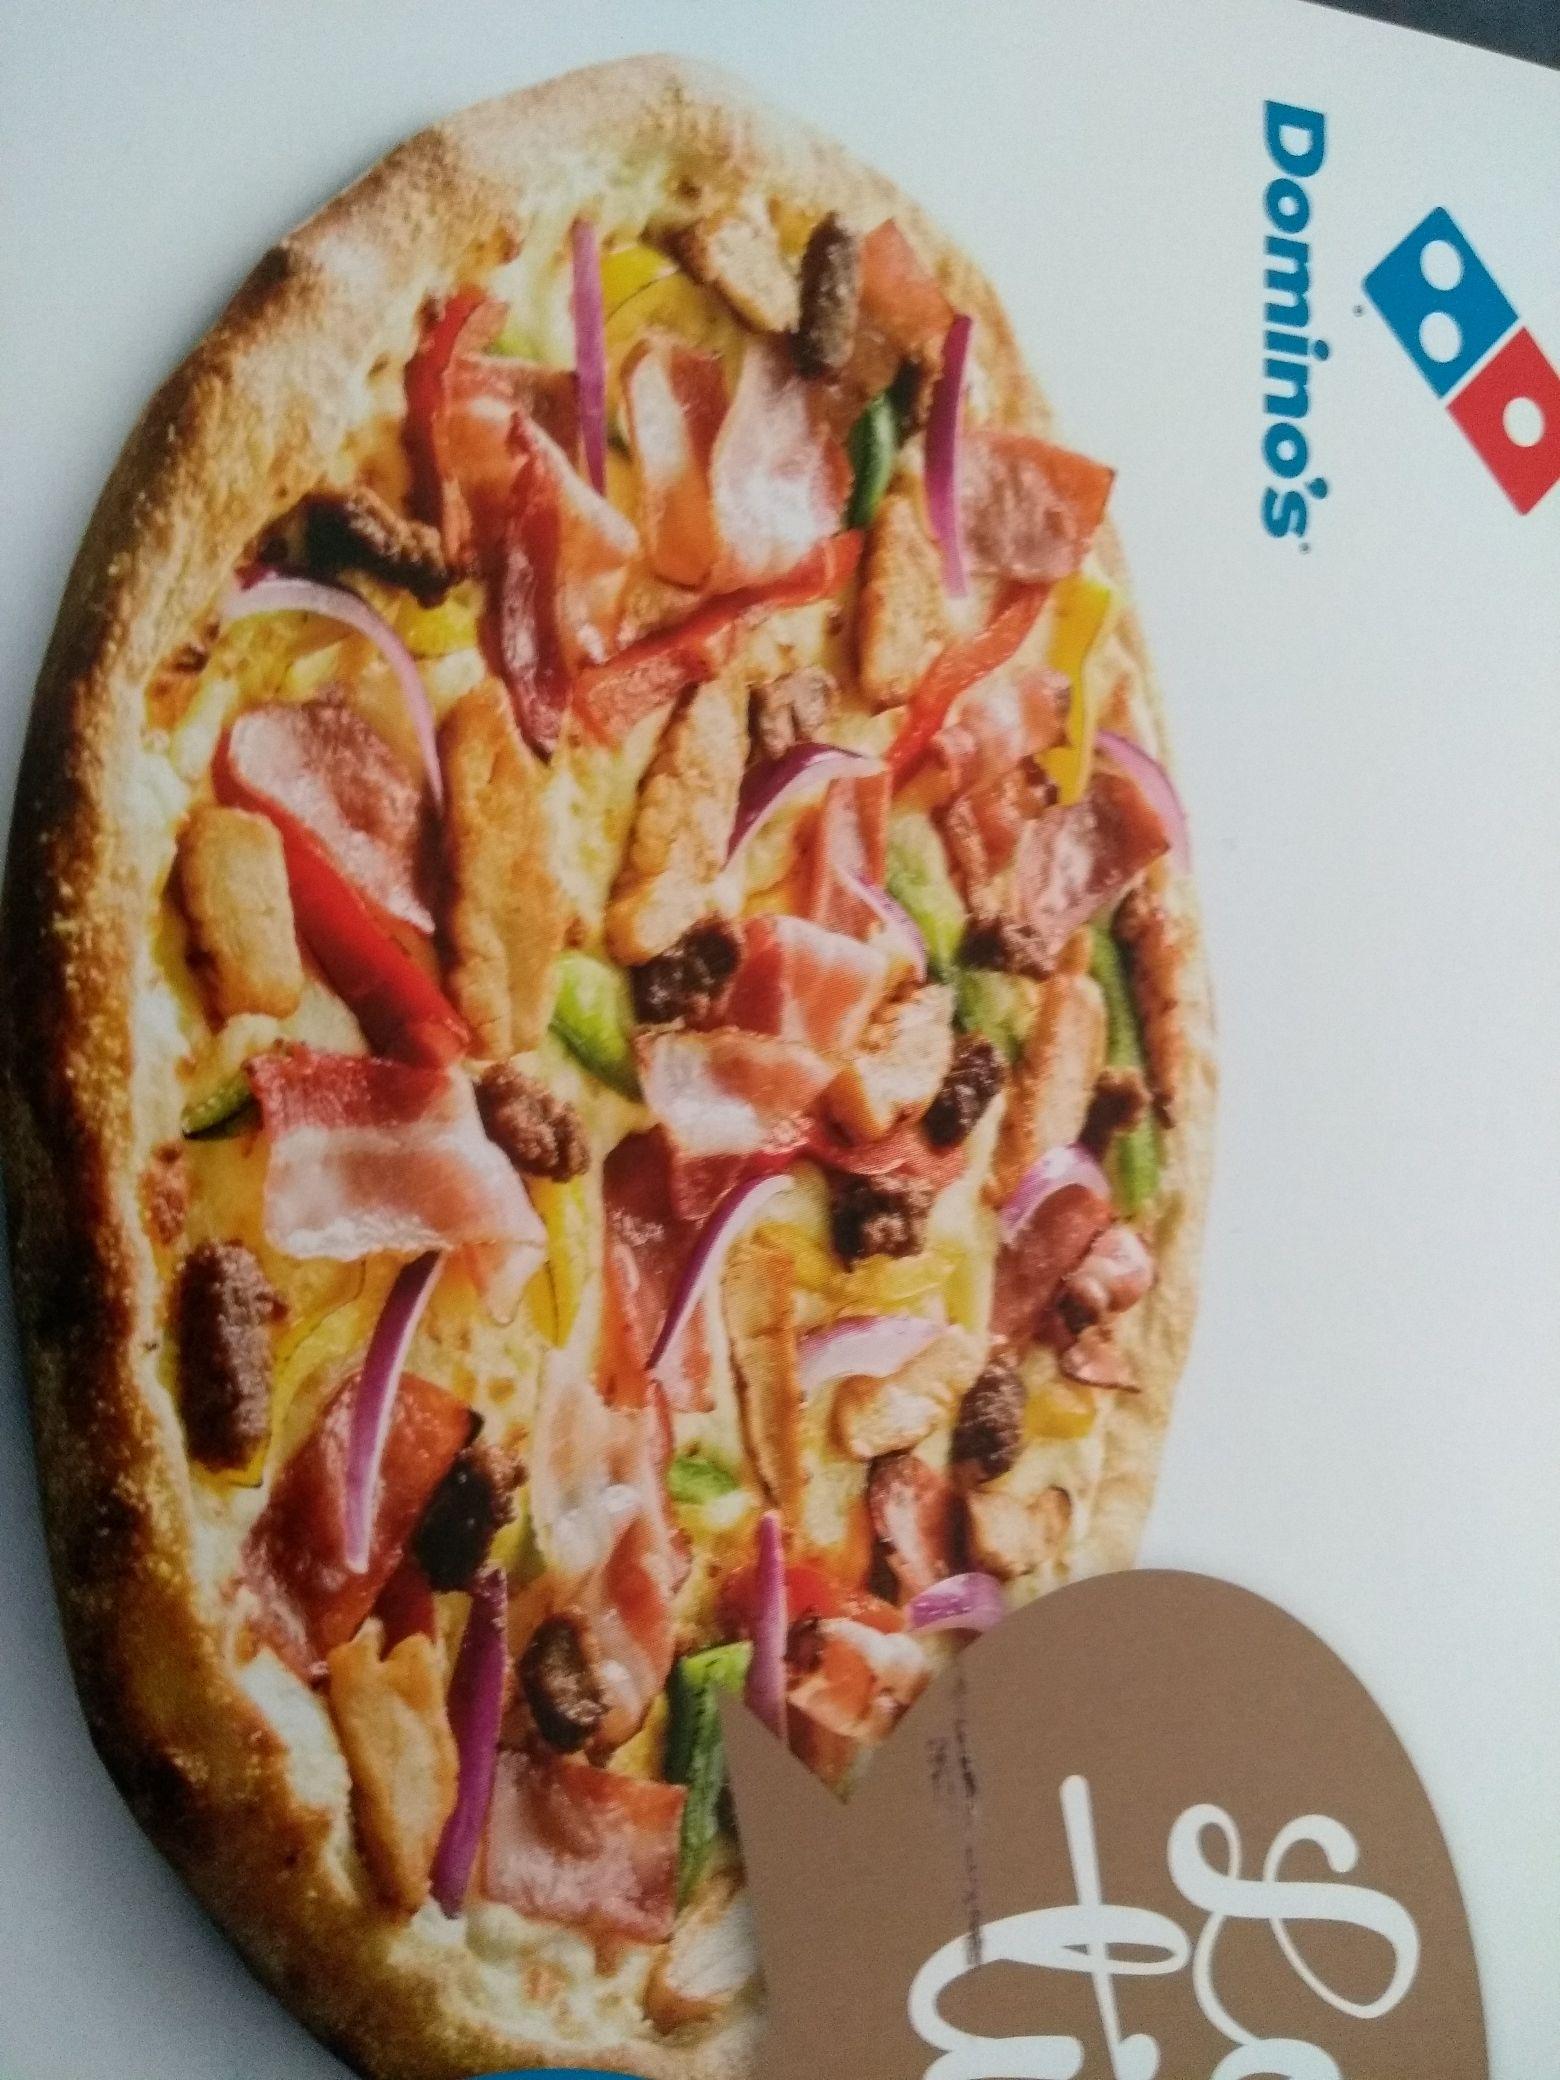 DOMINOS Hellevoetsluis tweede pizza 2 euro.